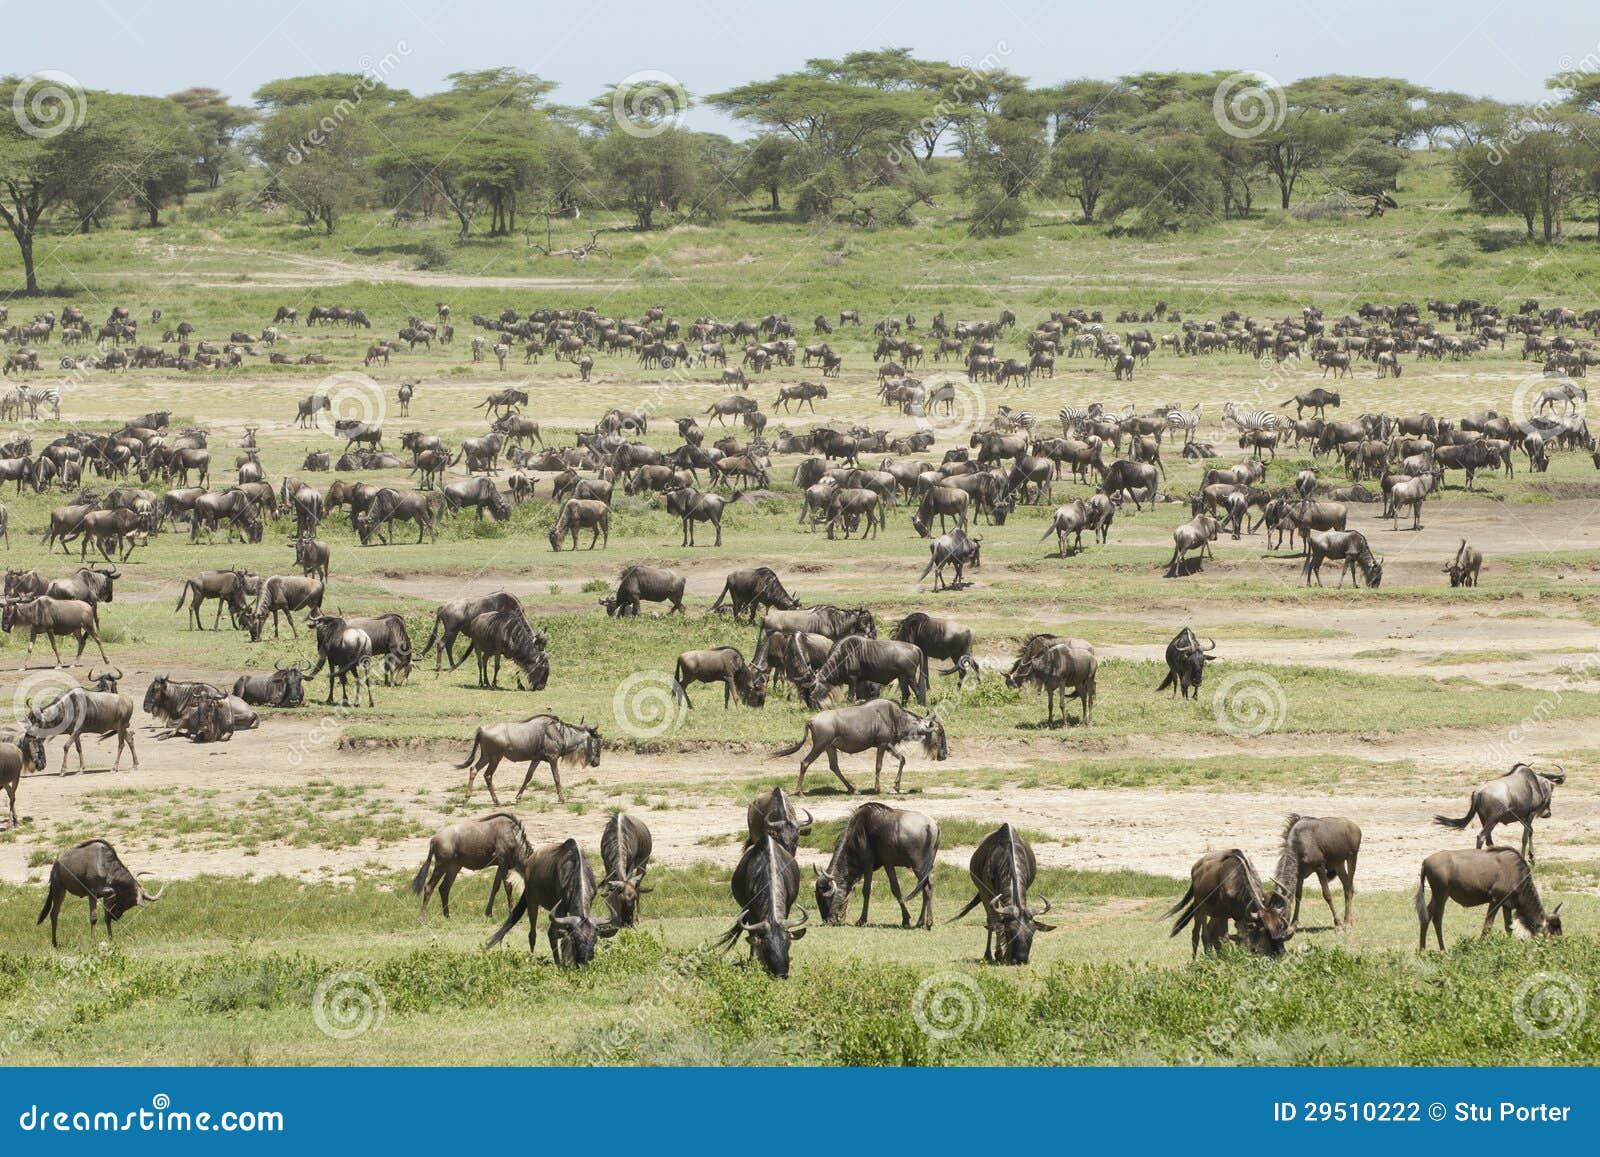 De kudden van de Migratie in het Ndutu gebied, Tanzania